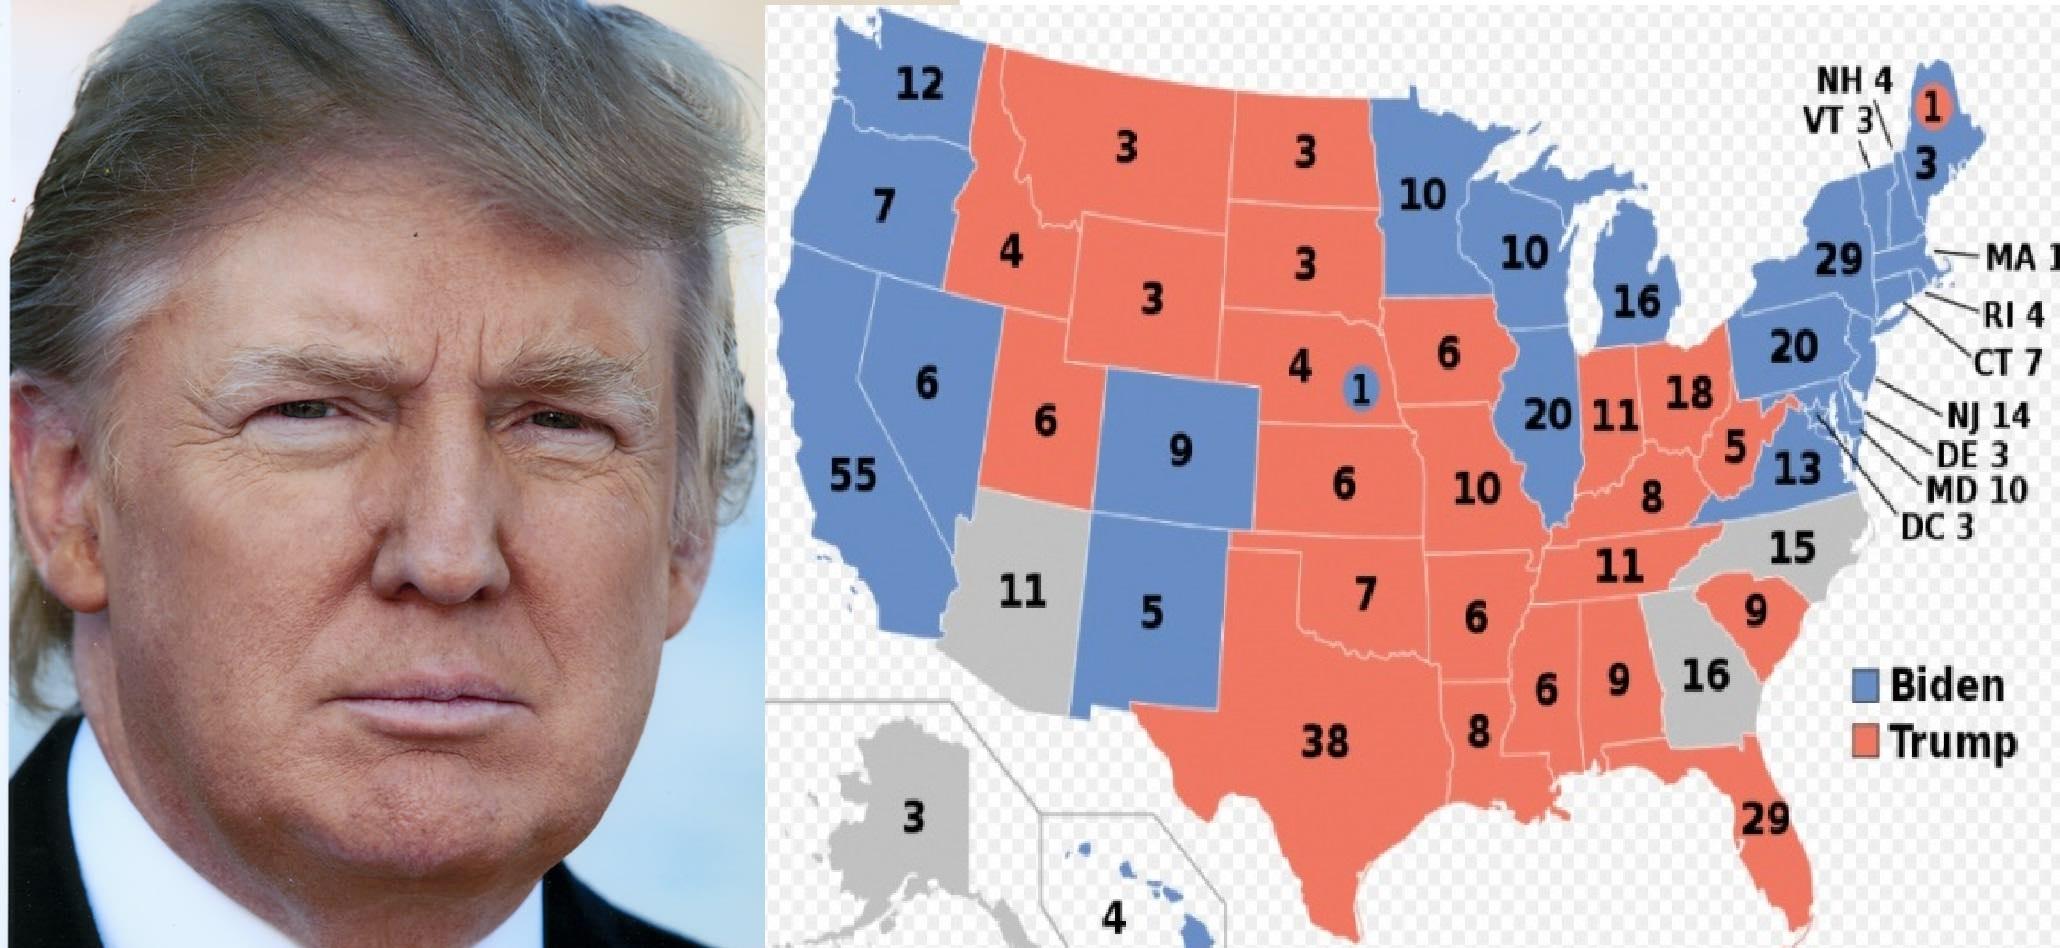 System Dominion skasował 2,7 mln głosów oddanych na Trumpa? Szokujący twitt Trumpa